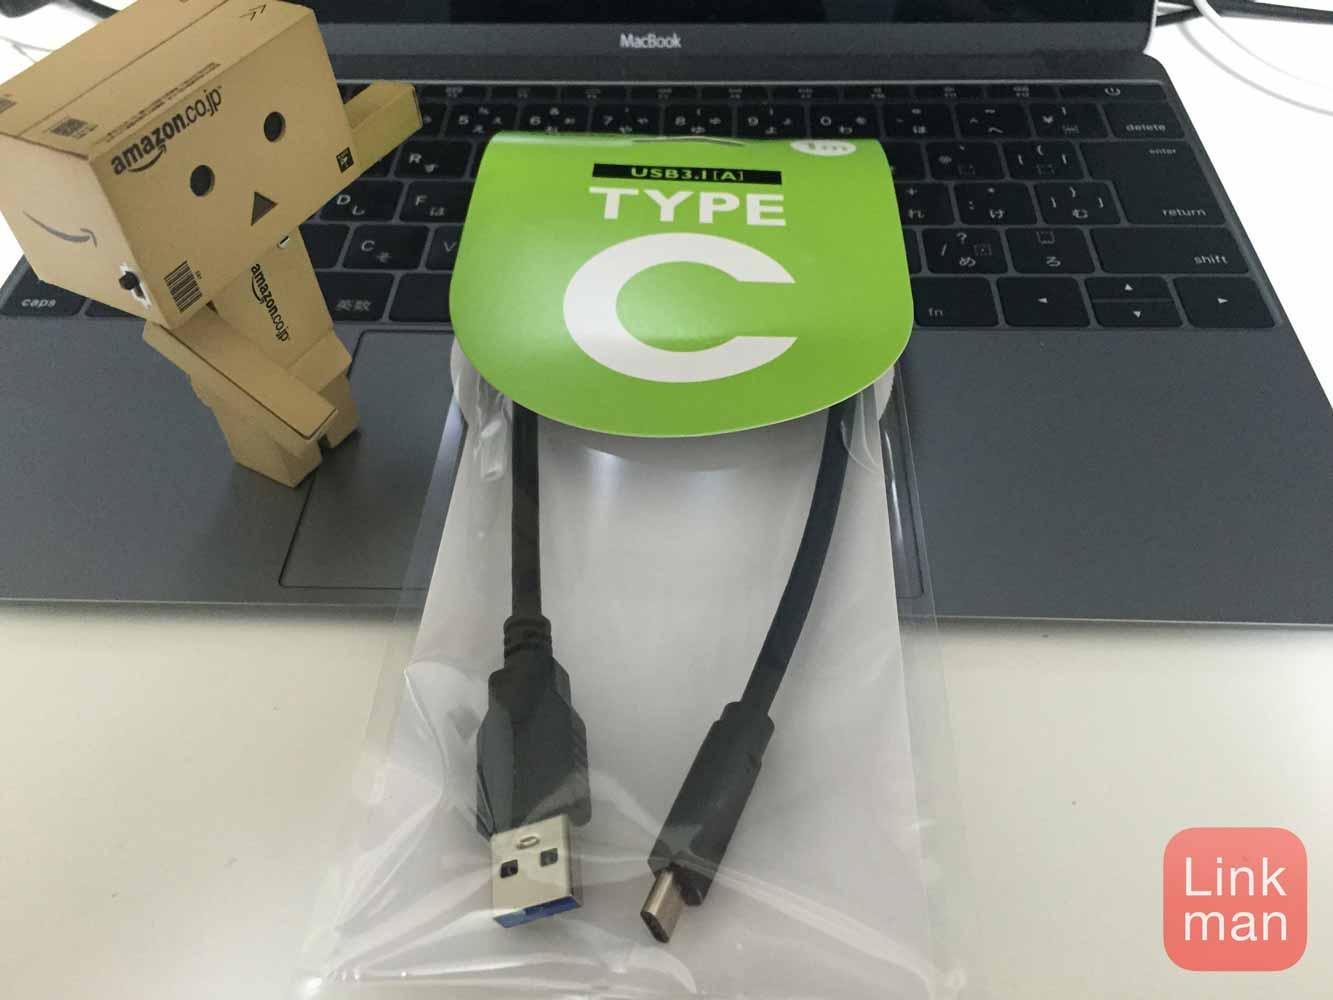 MacBookユーザーは1本あると便利!cheeroの「TypeC USB 3.1 ケーブル」はモバイルバッテリーなどで充電できる